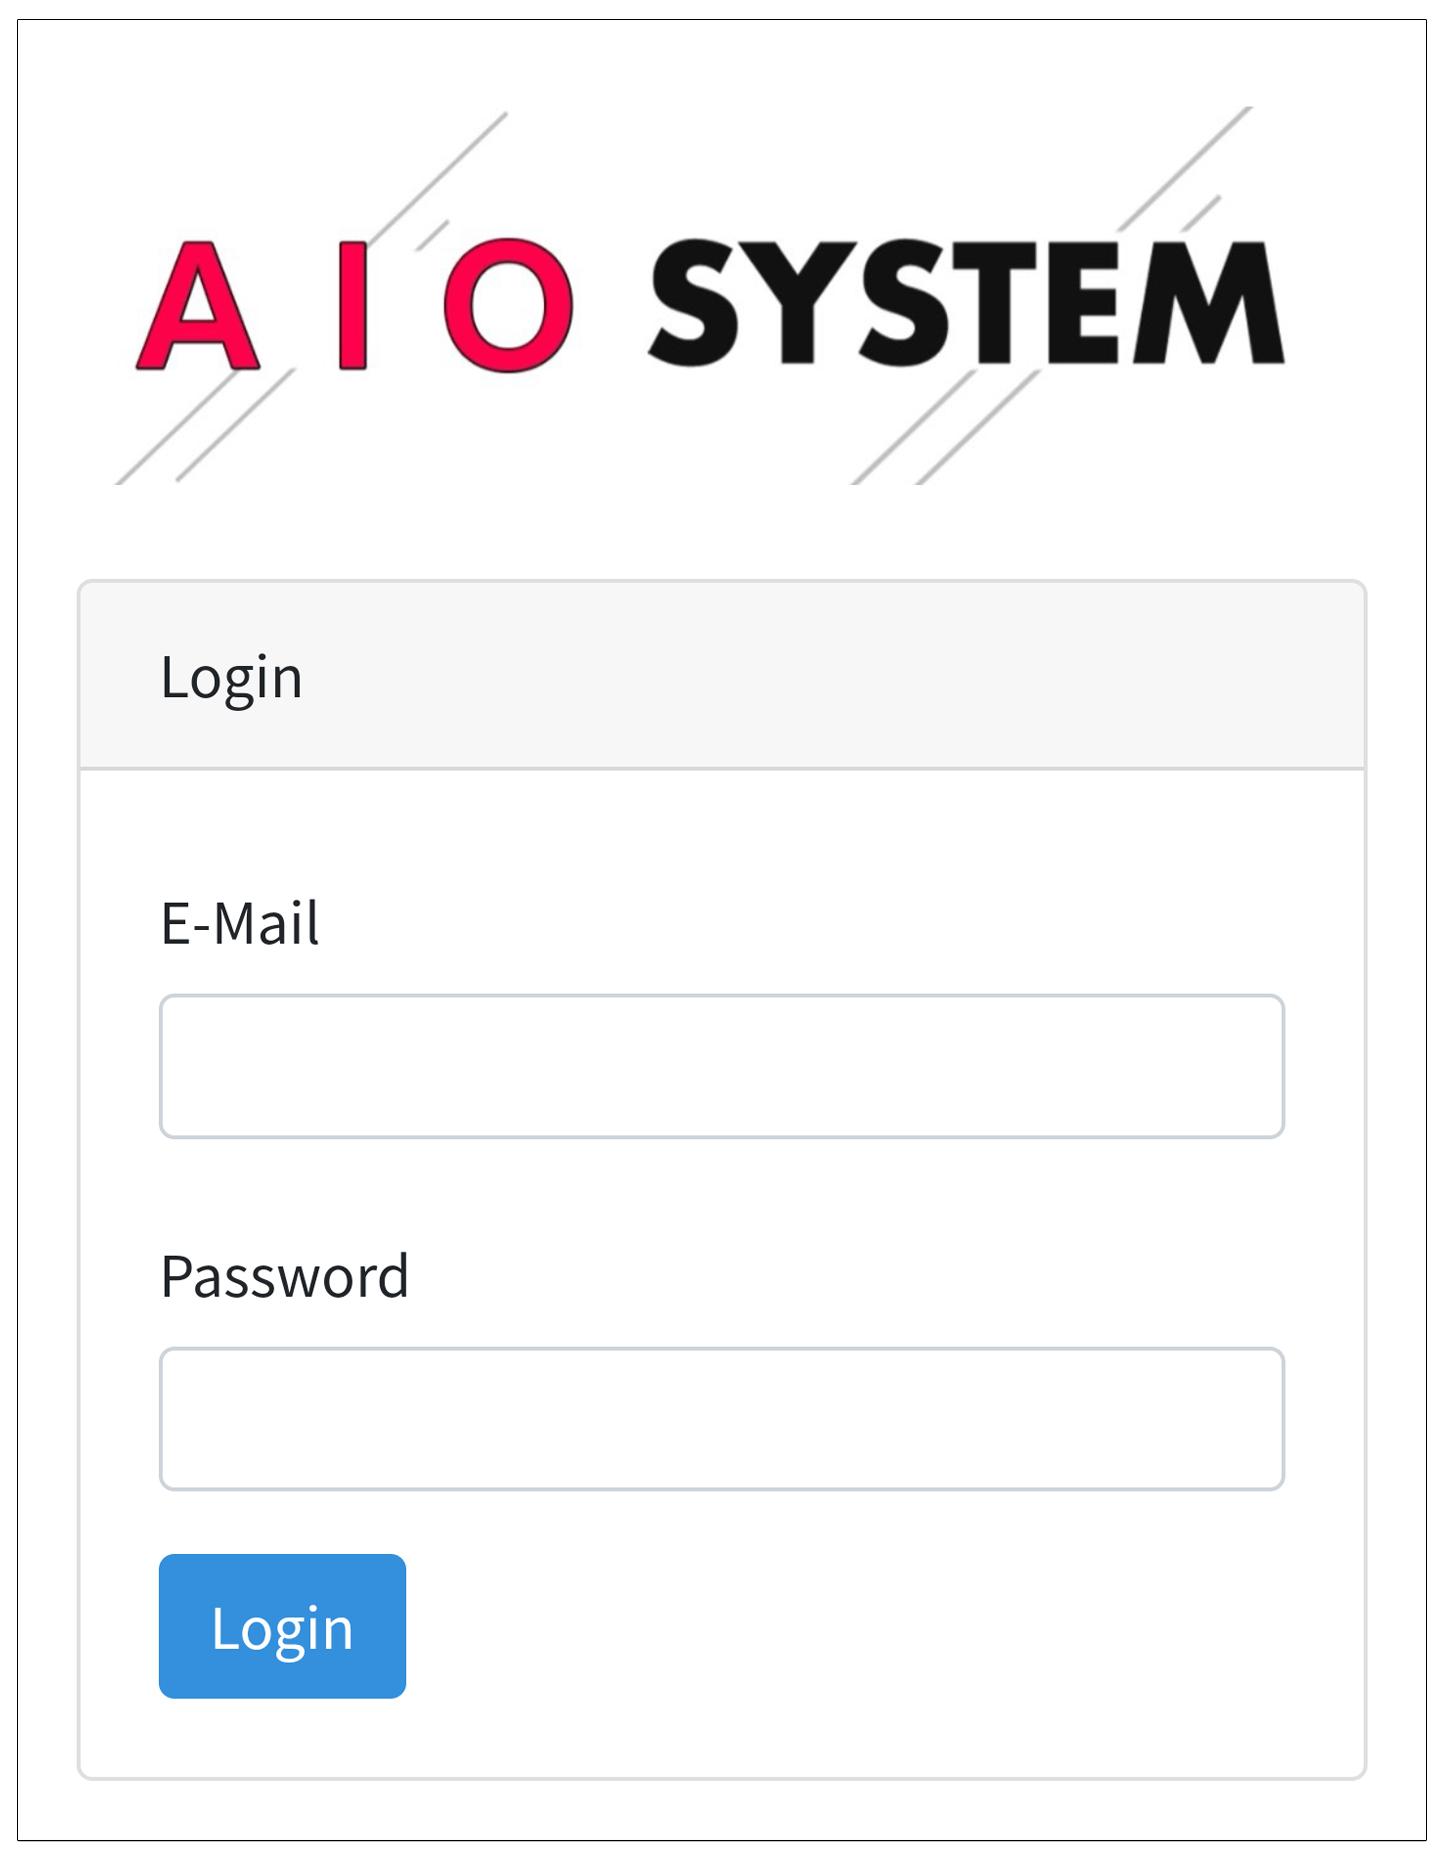 AIO SYSTEMログインフォーム